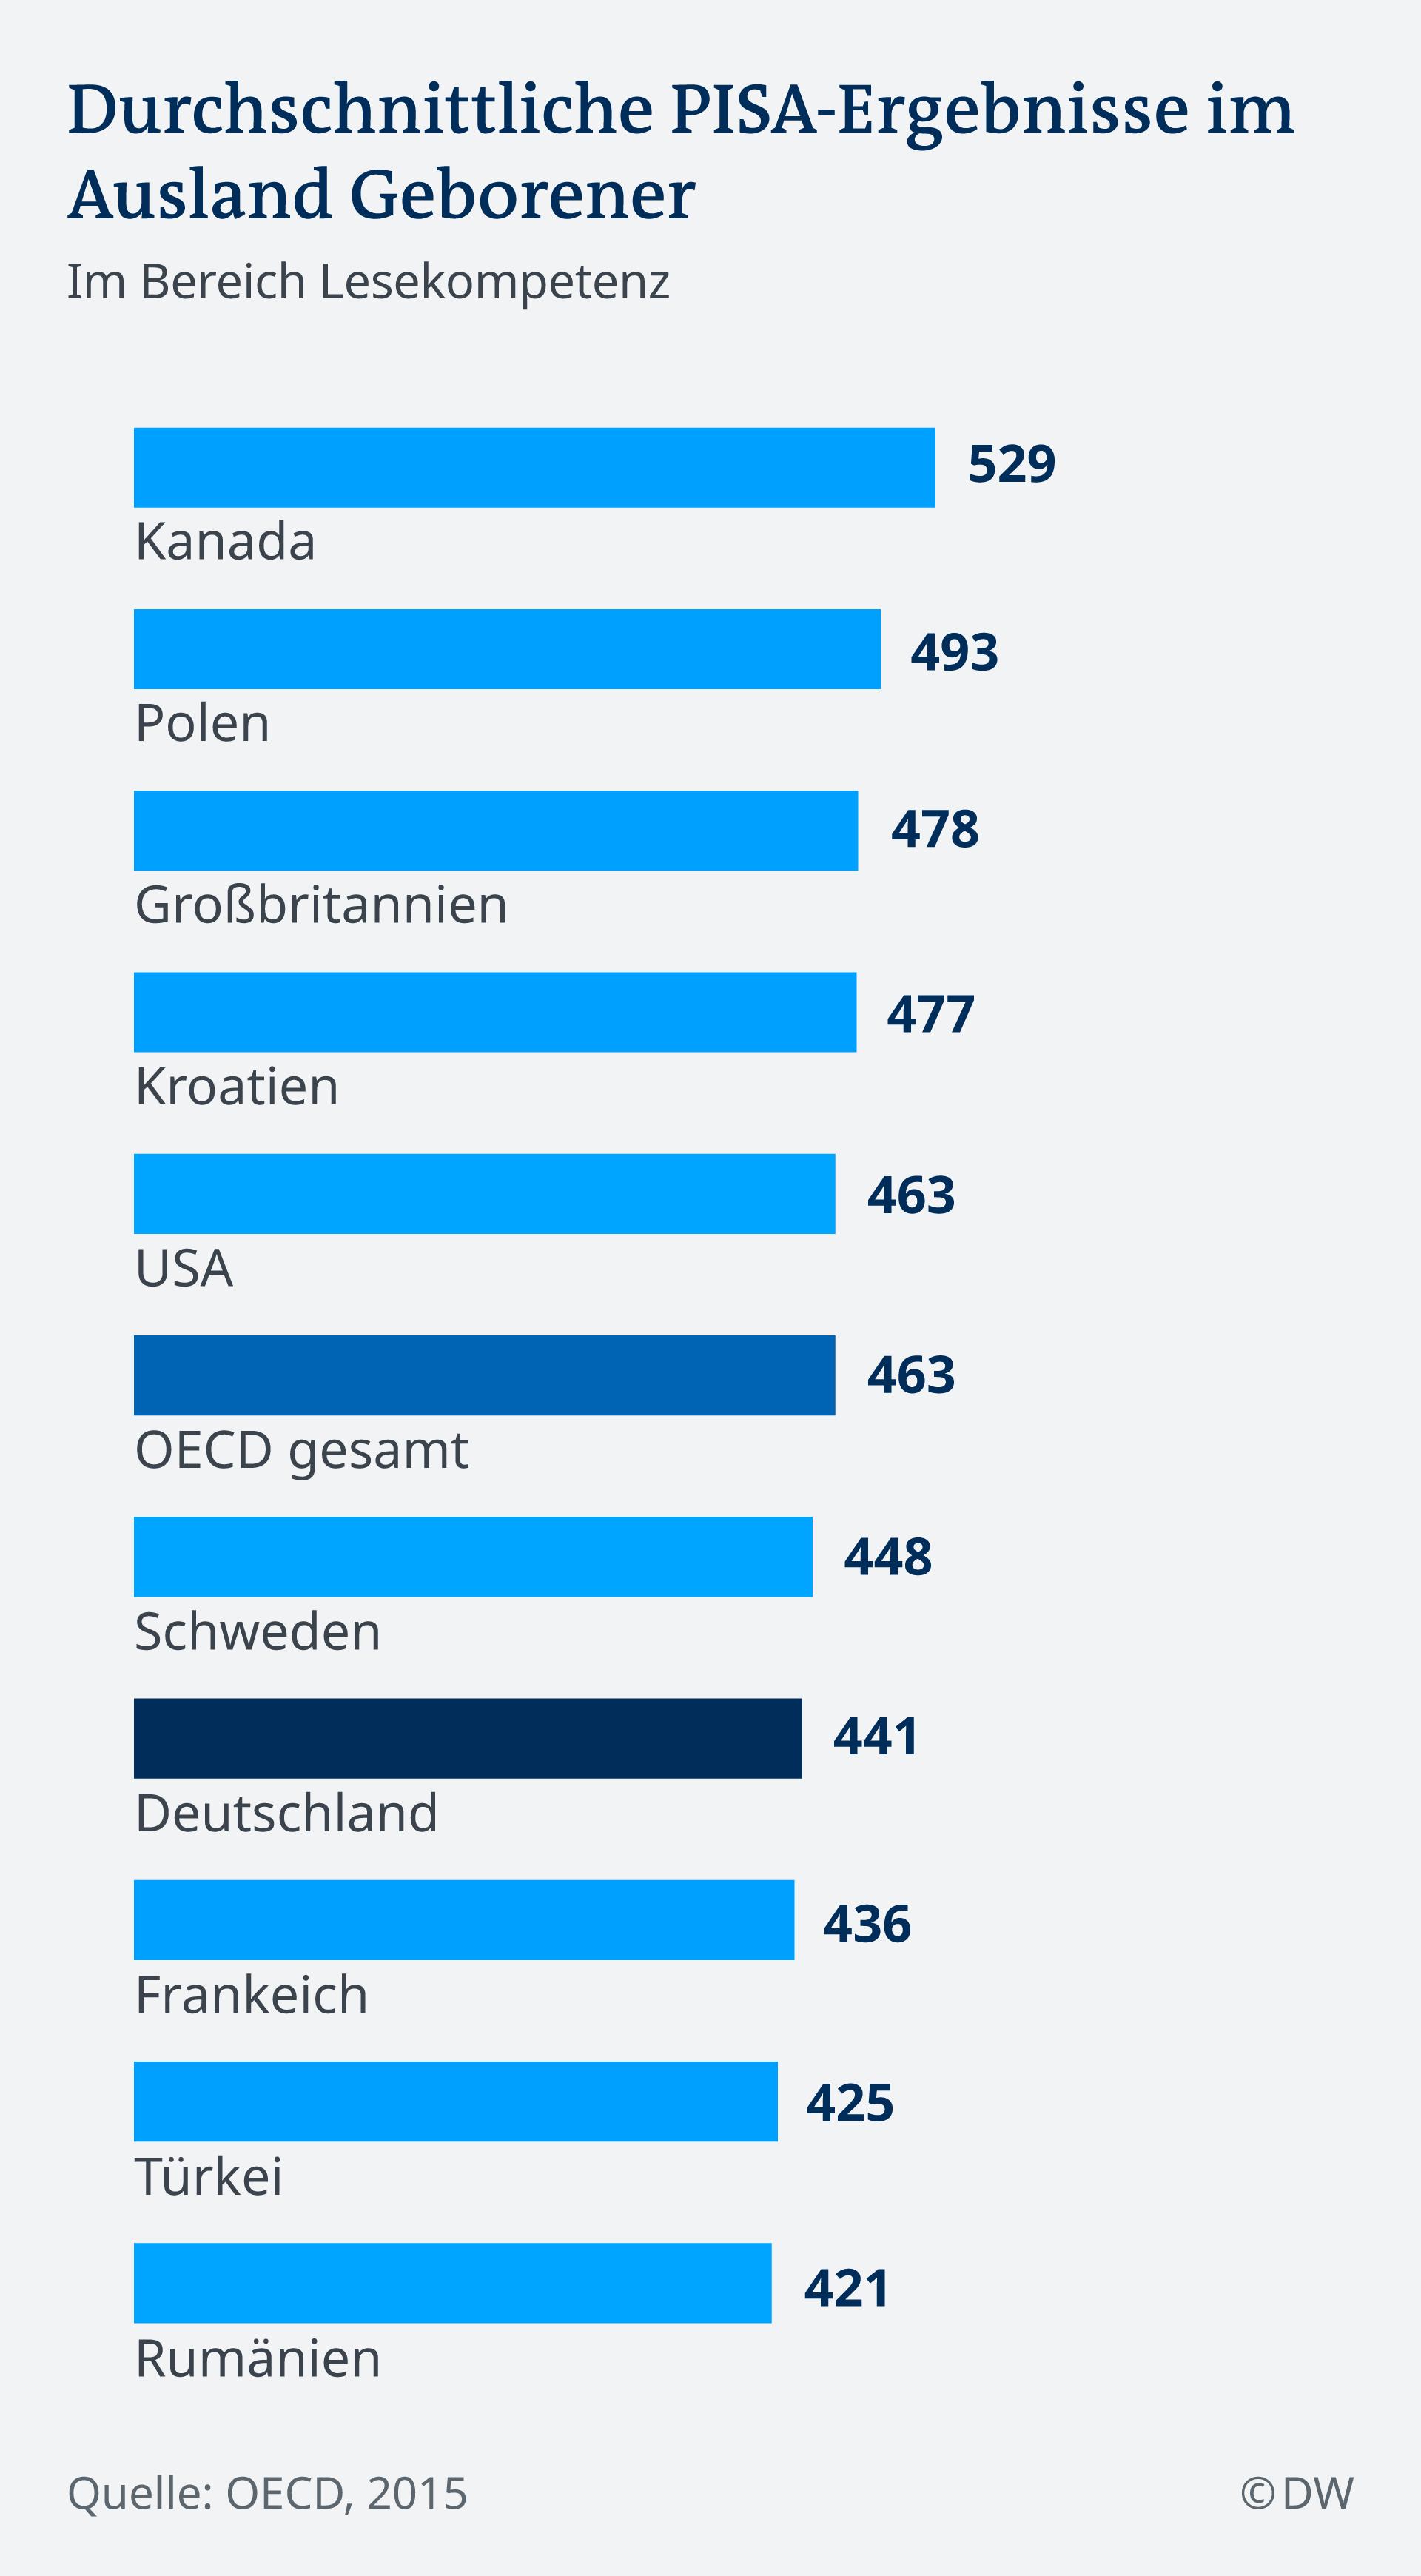 Infografik Durchschnittliche PISA-Ergebnisse im Ausland Geborener DE Im Bereich Lesekompetenz DE